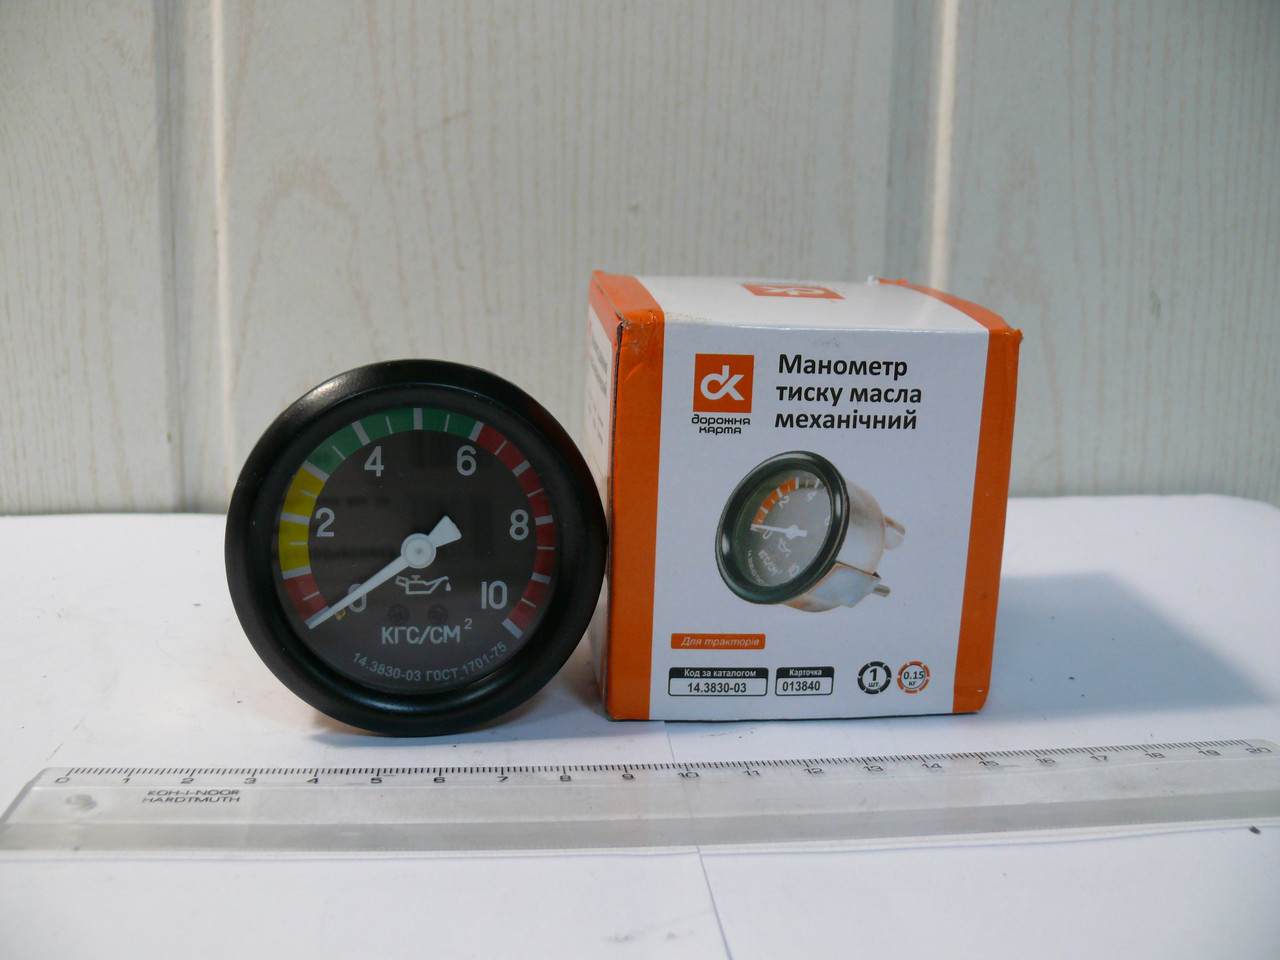 Манометр давления масла механический